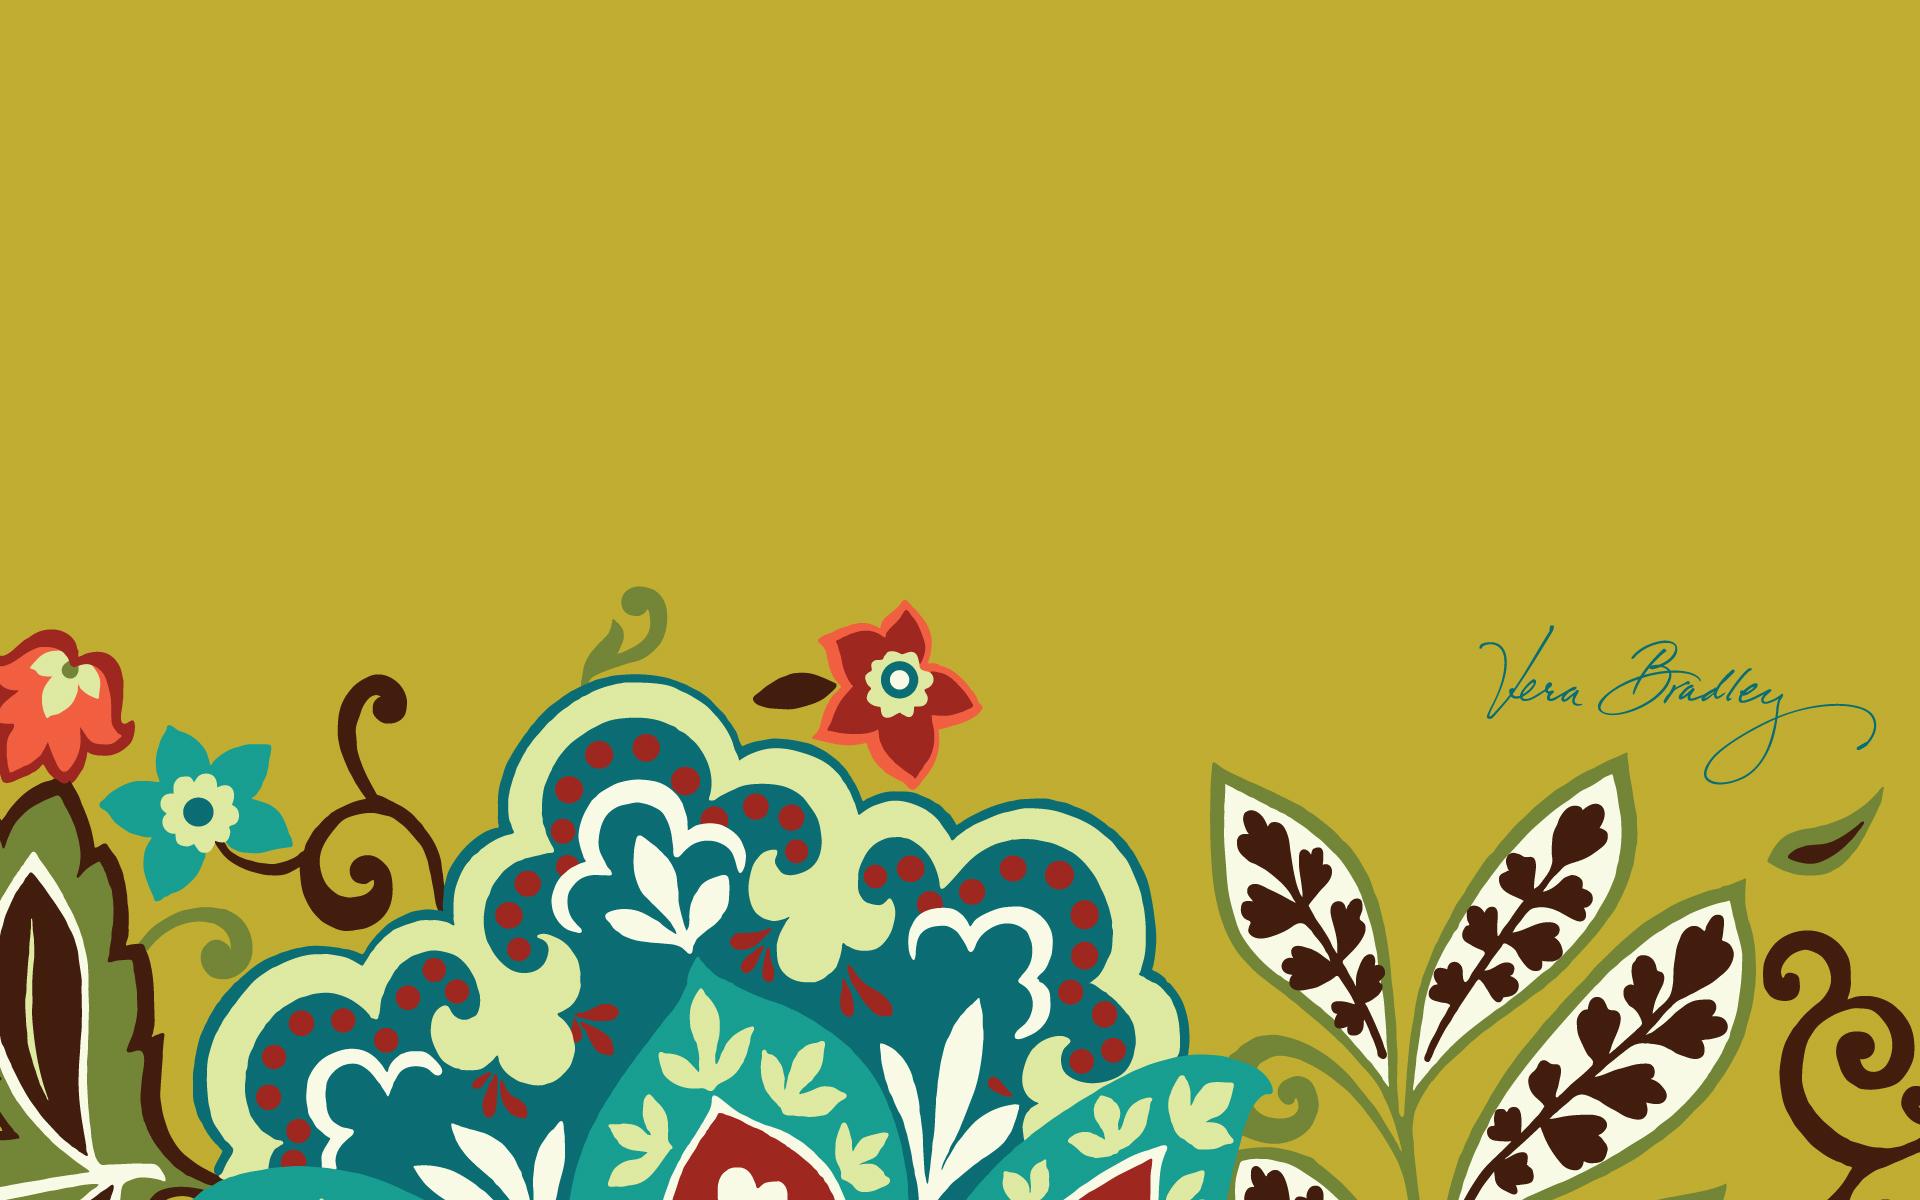 Vera Bradley Wallpapers Hd Wallpapersafari